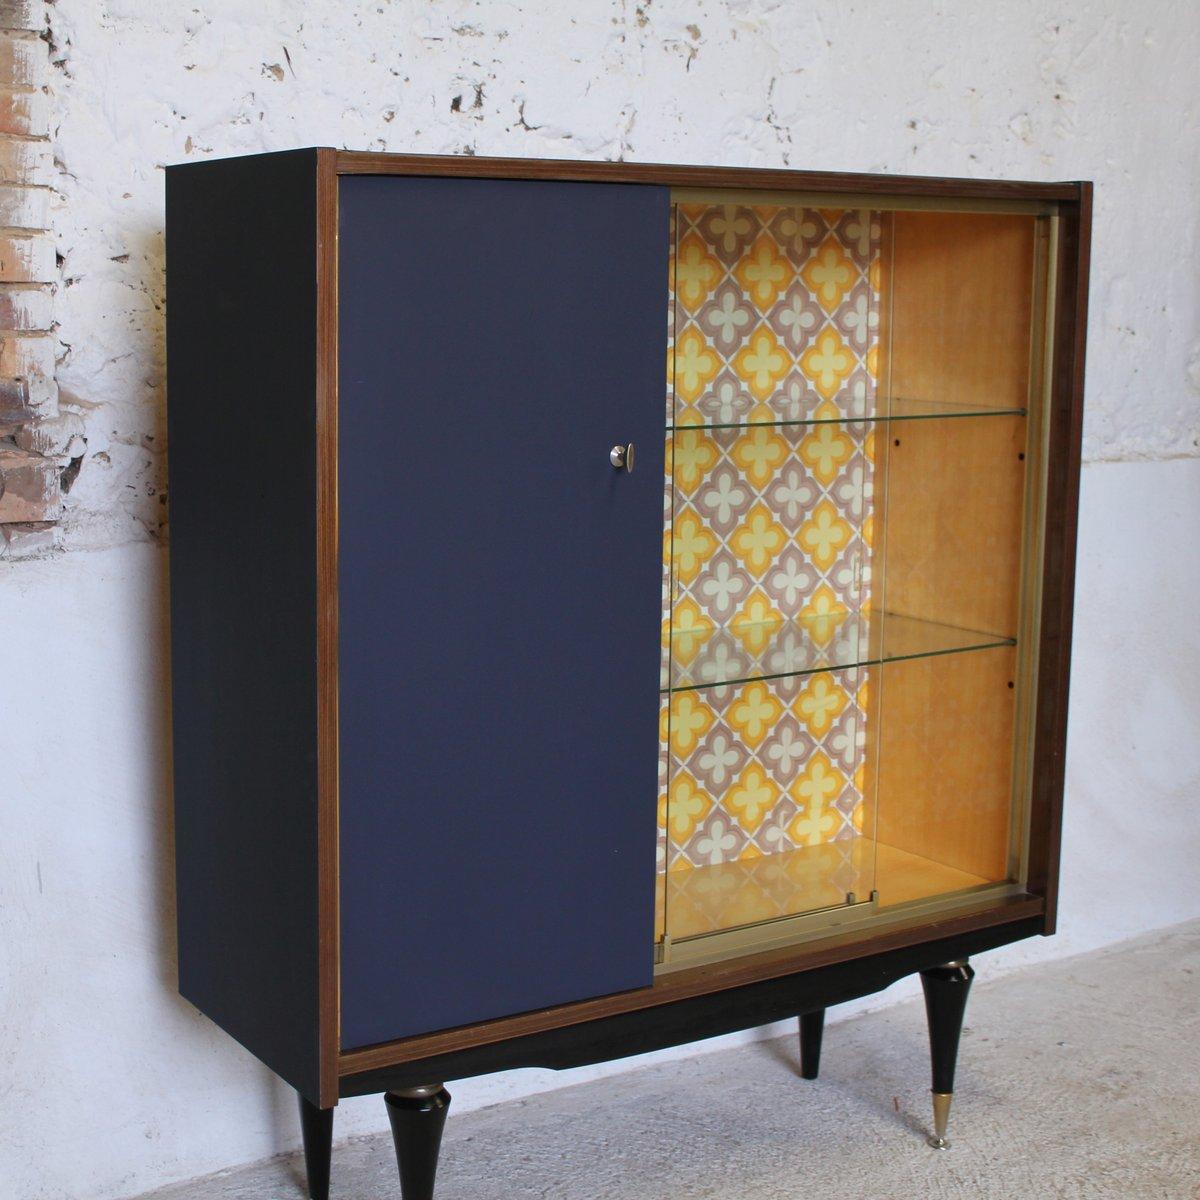 buffet de salle manger bar fibresendeco vannerie artisanale mobilier vintage. Black Bedroom Furniture Sets. Home Design Ideas